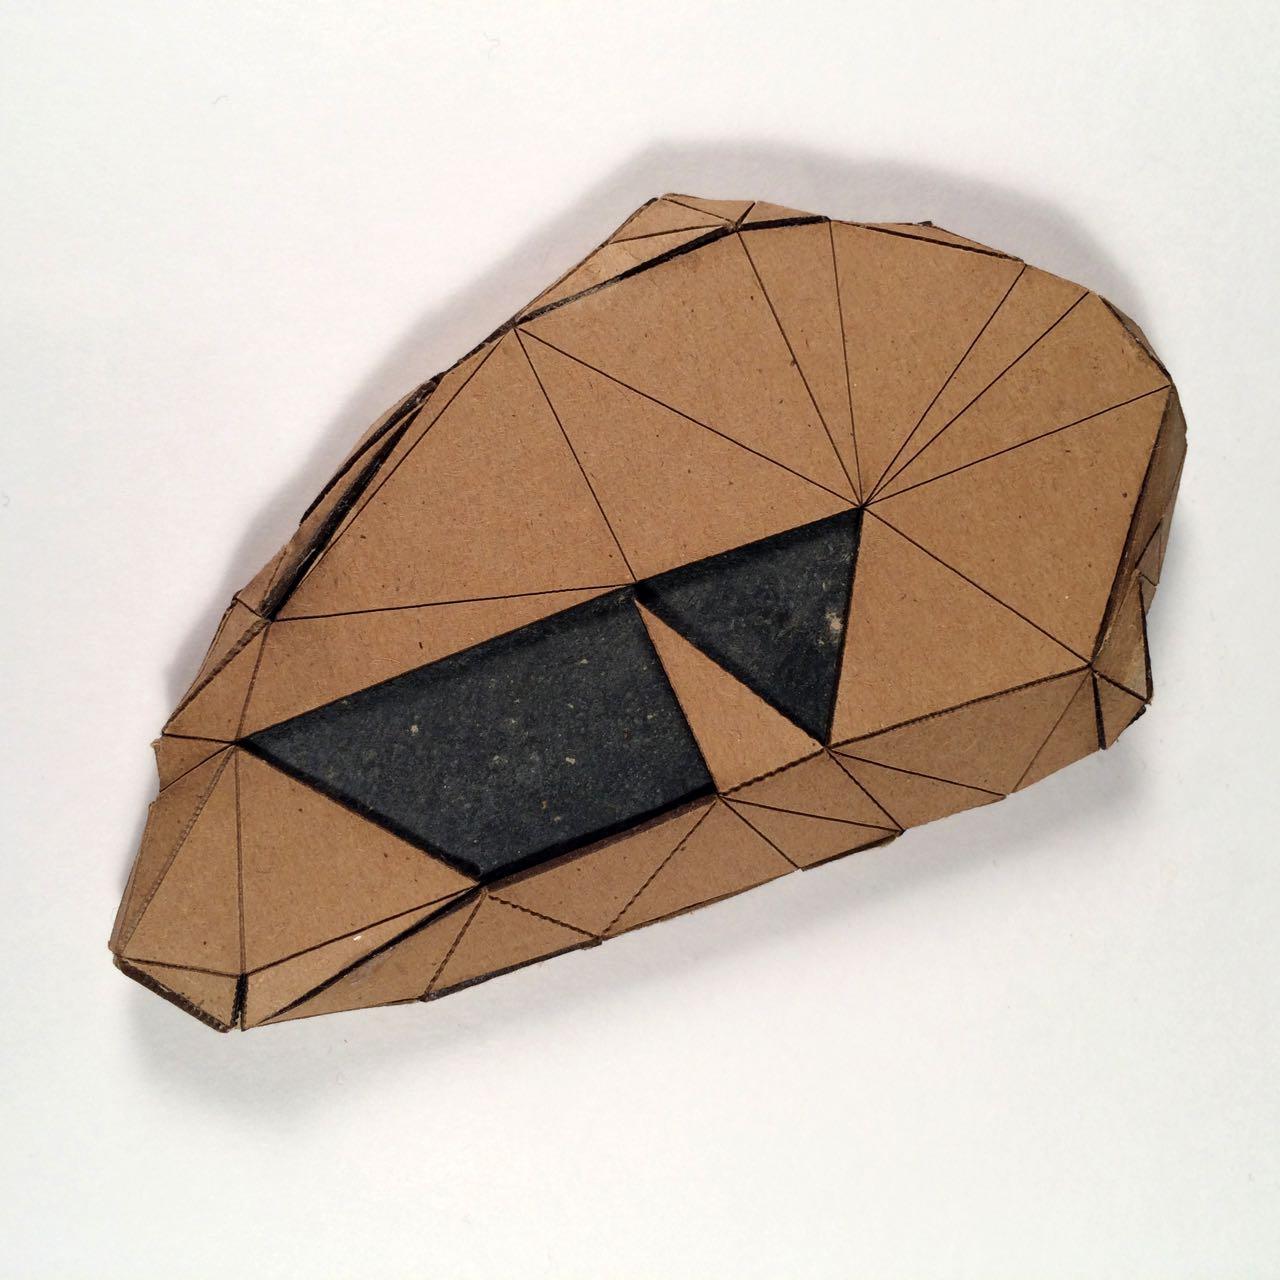 (Back view) 011 - Boxes For Rocks, 2012, laser cut cardboard, found rocks, glue, 13.5cm x 8.5cm x 1.5cm (flat), 250 CAD